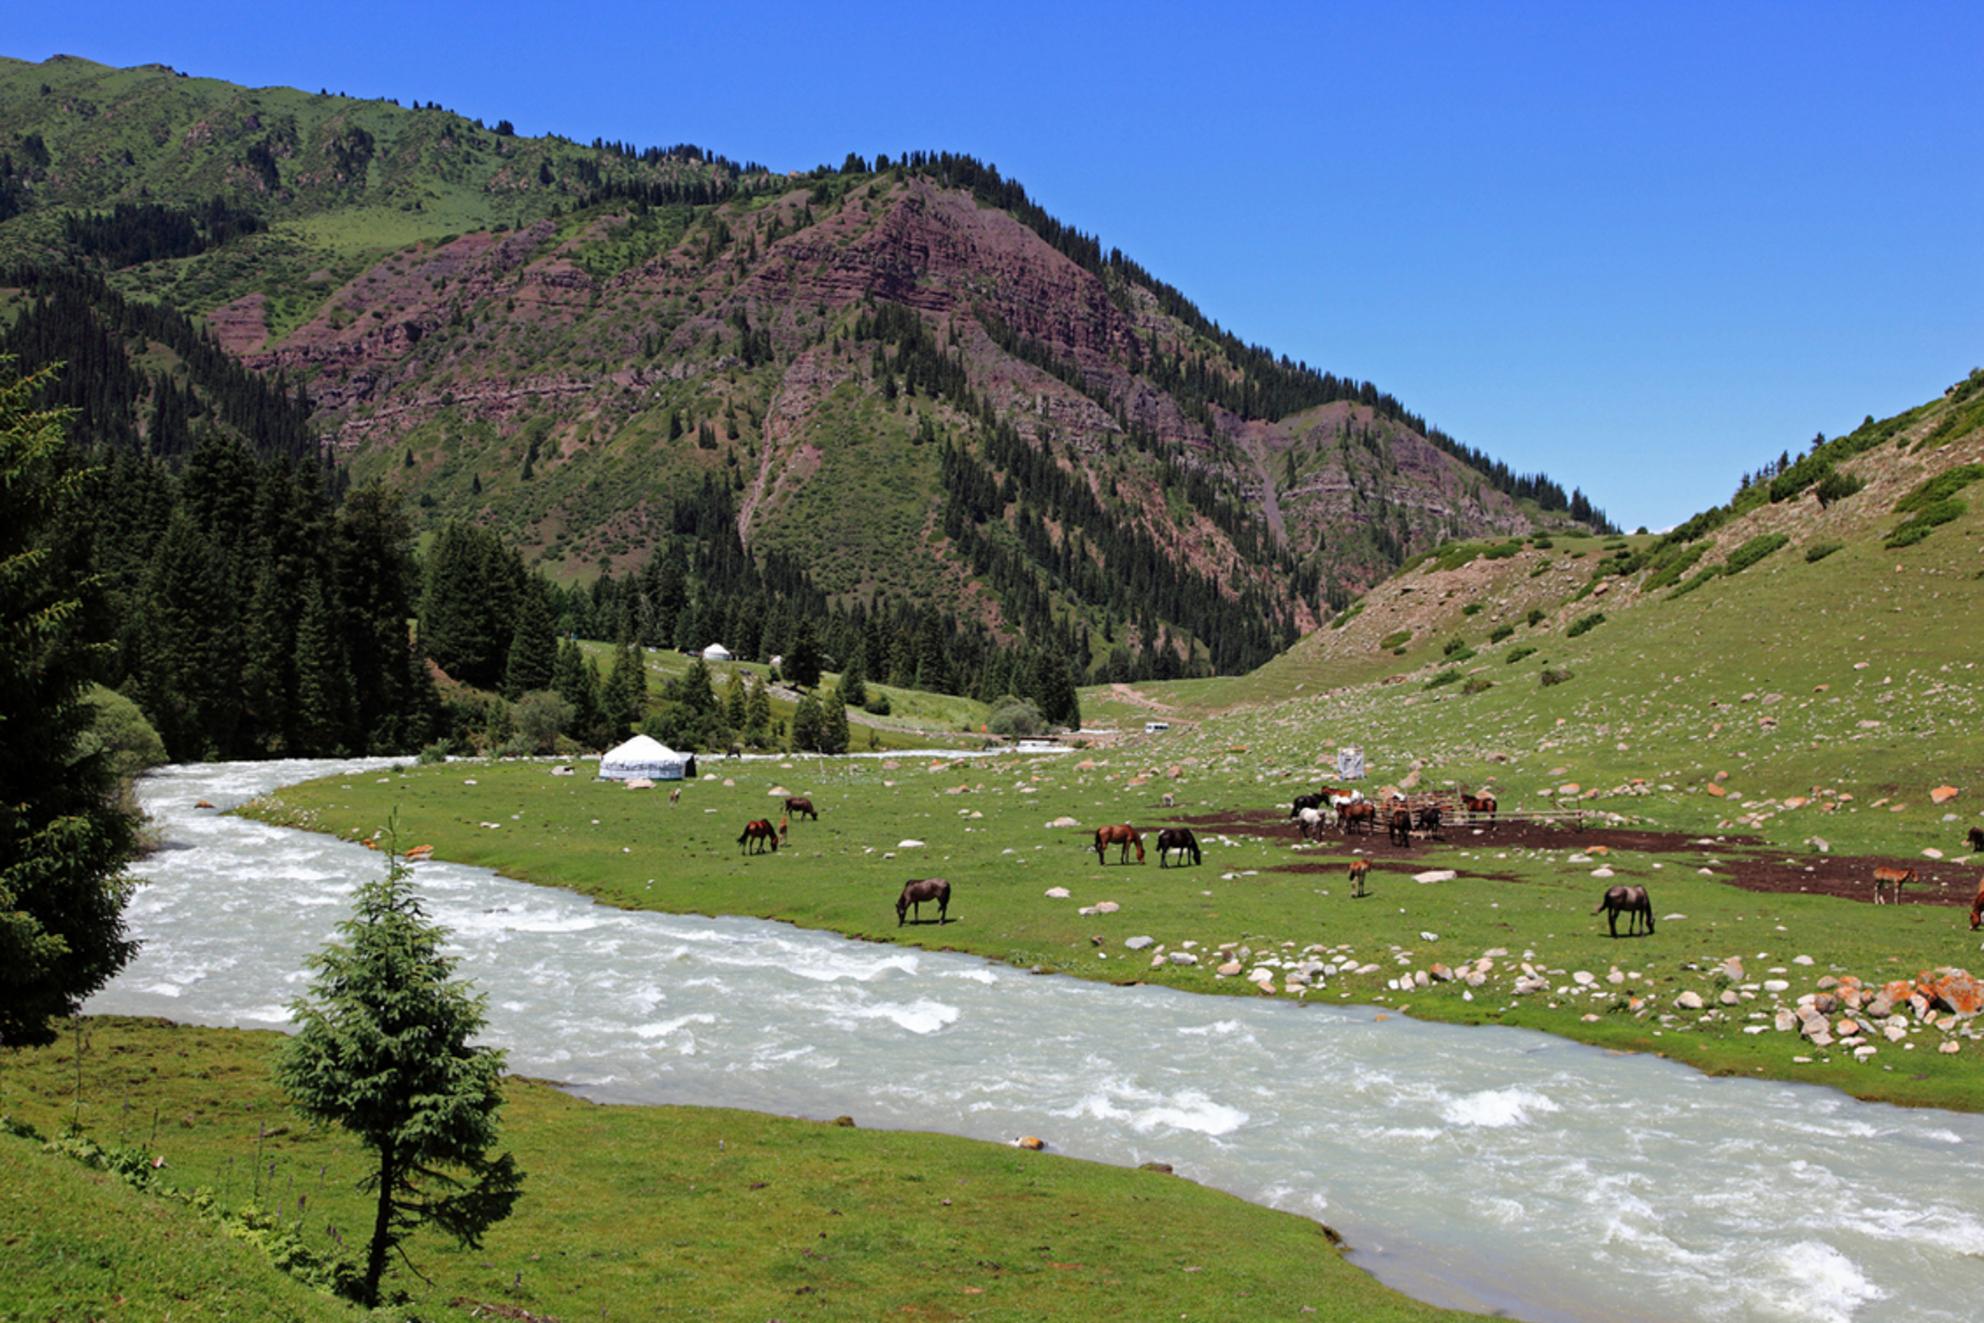 Jeti-Oguz - - - foto door nvandij op 13-09-2015 - deze foto bevat: paarden, bergen, rivier, horses, river, trekking, hiking, kirgizie, yurt, kyrgyzstan mountains, jeti-oguz - Deze foto mag gebruikt worden in een Zoom.nl publicatie